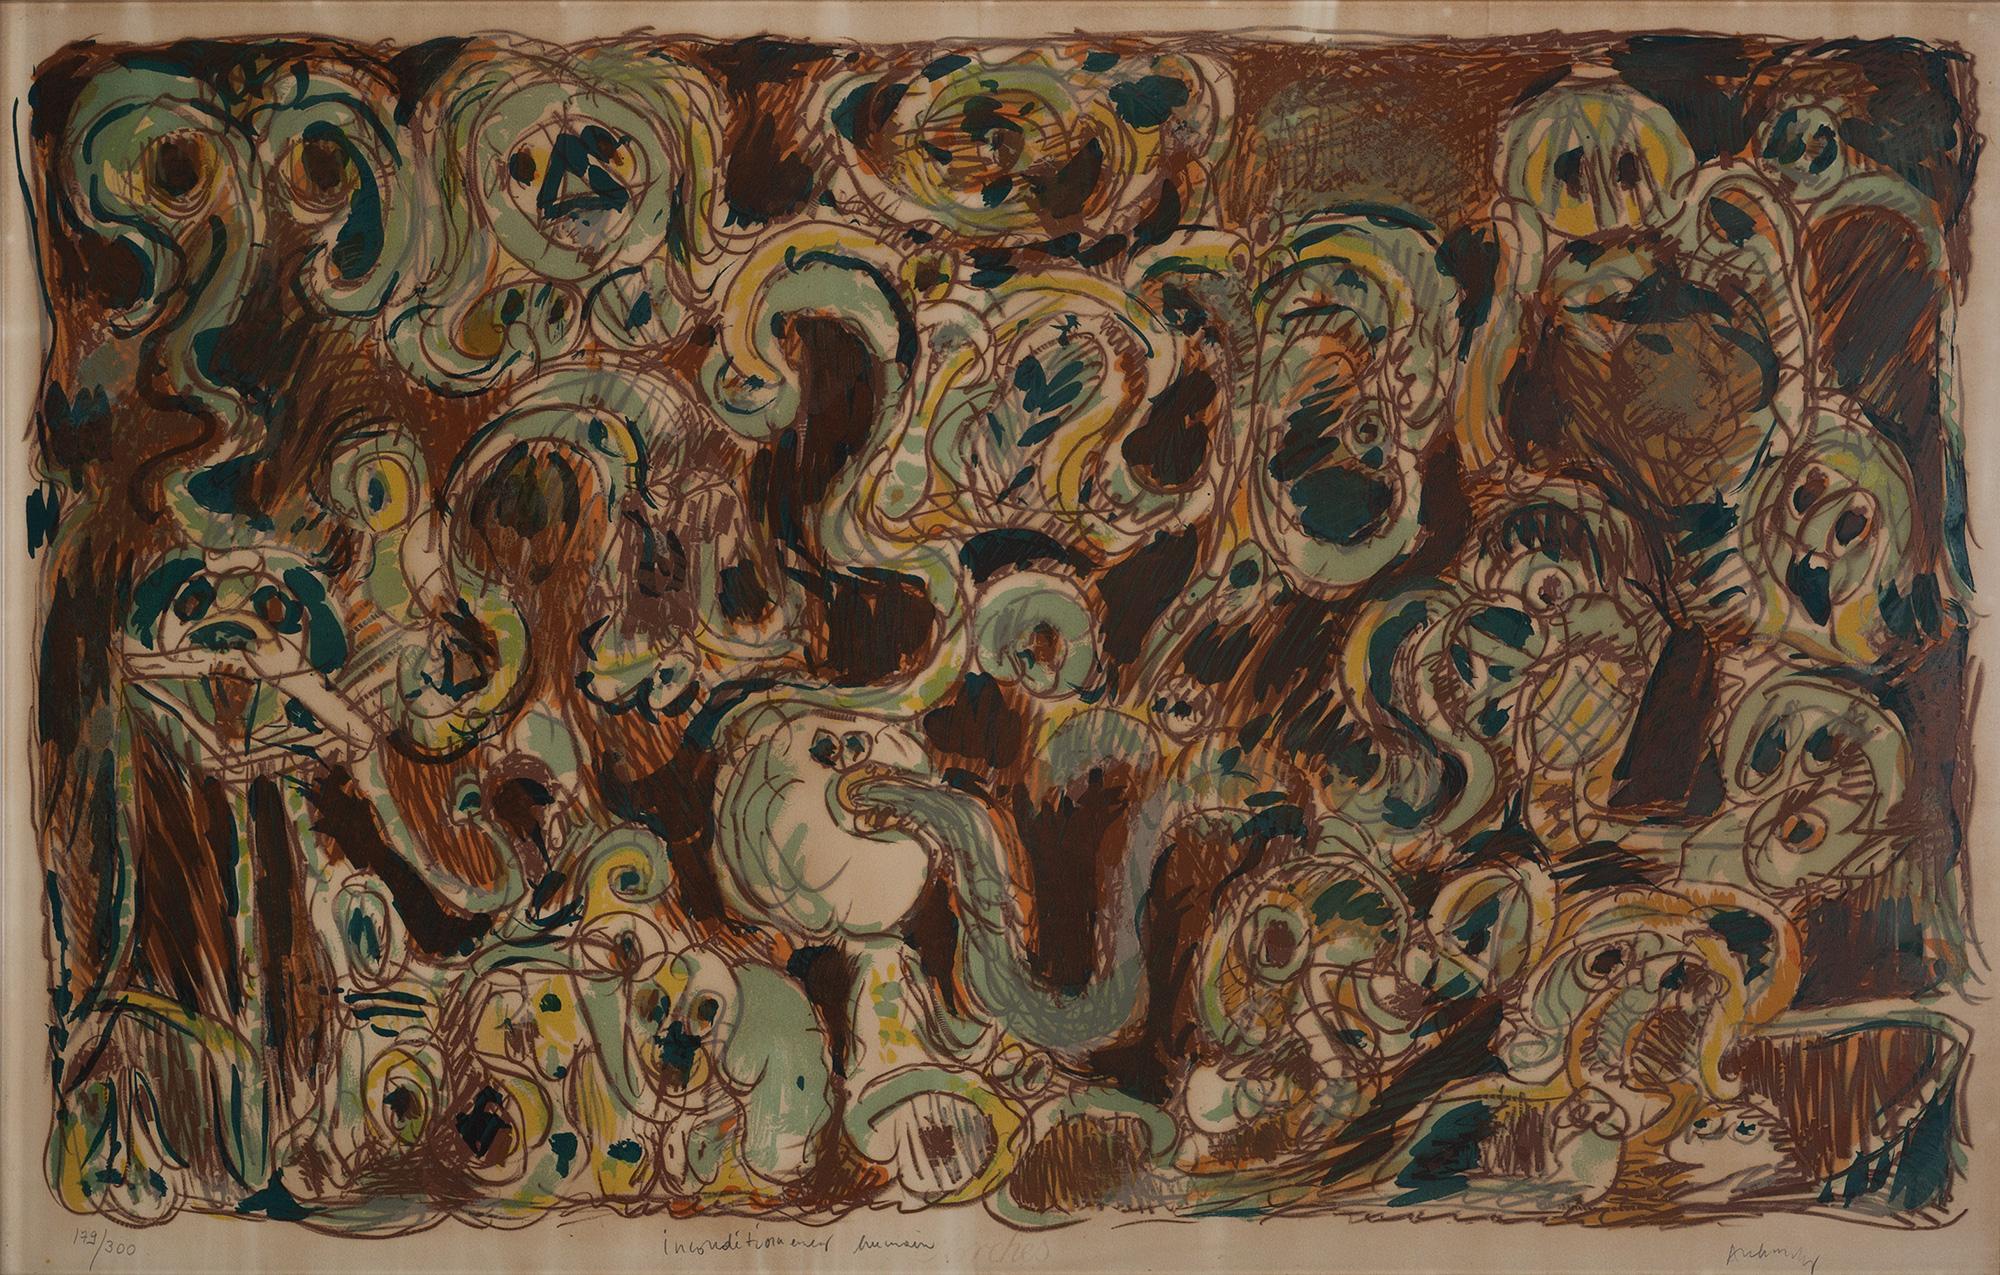 L'inconditionnellement humain, 1970